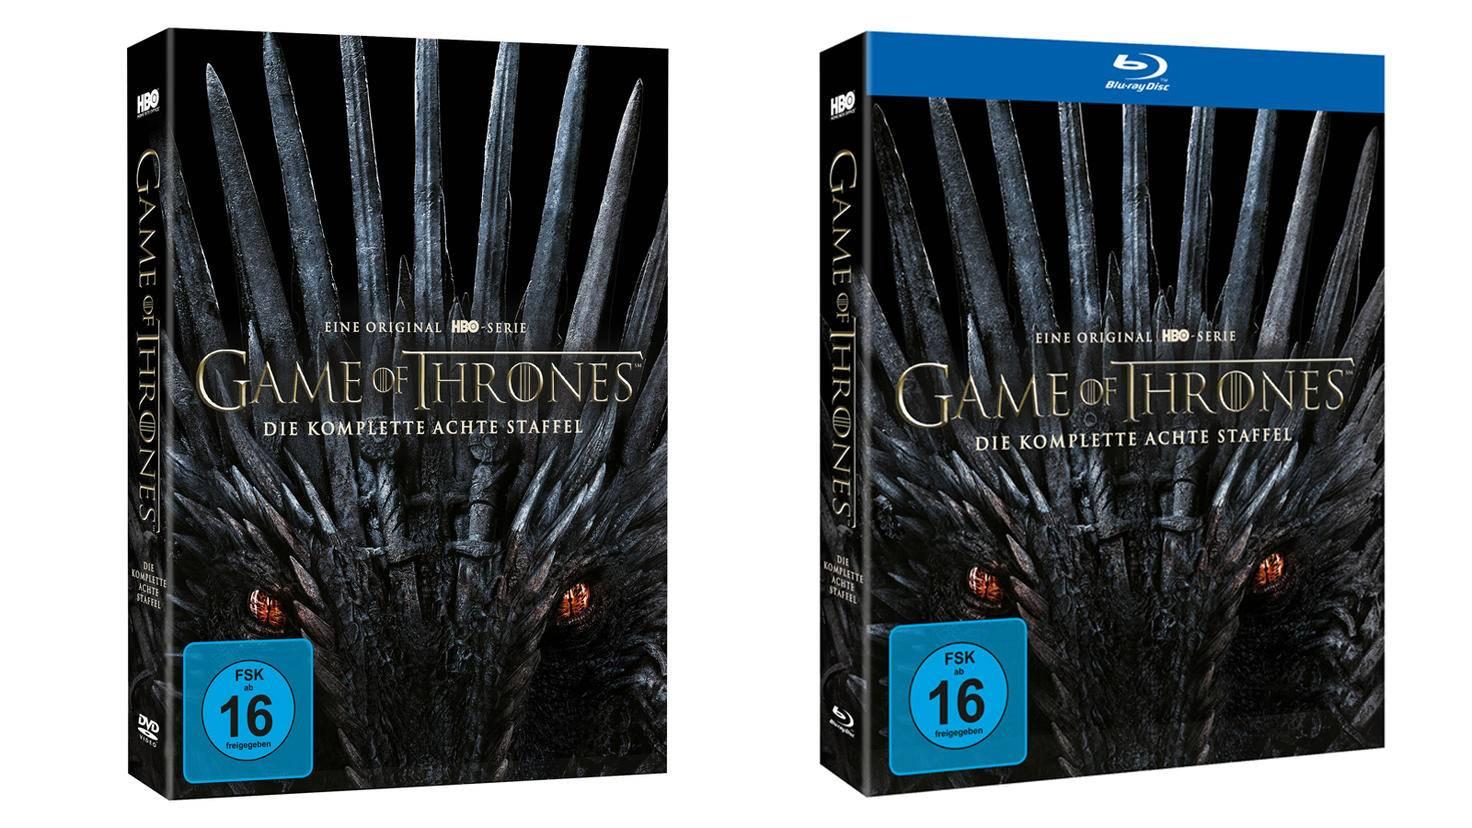 Game of Thrones Staffel 8 Packshot